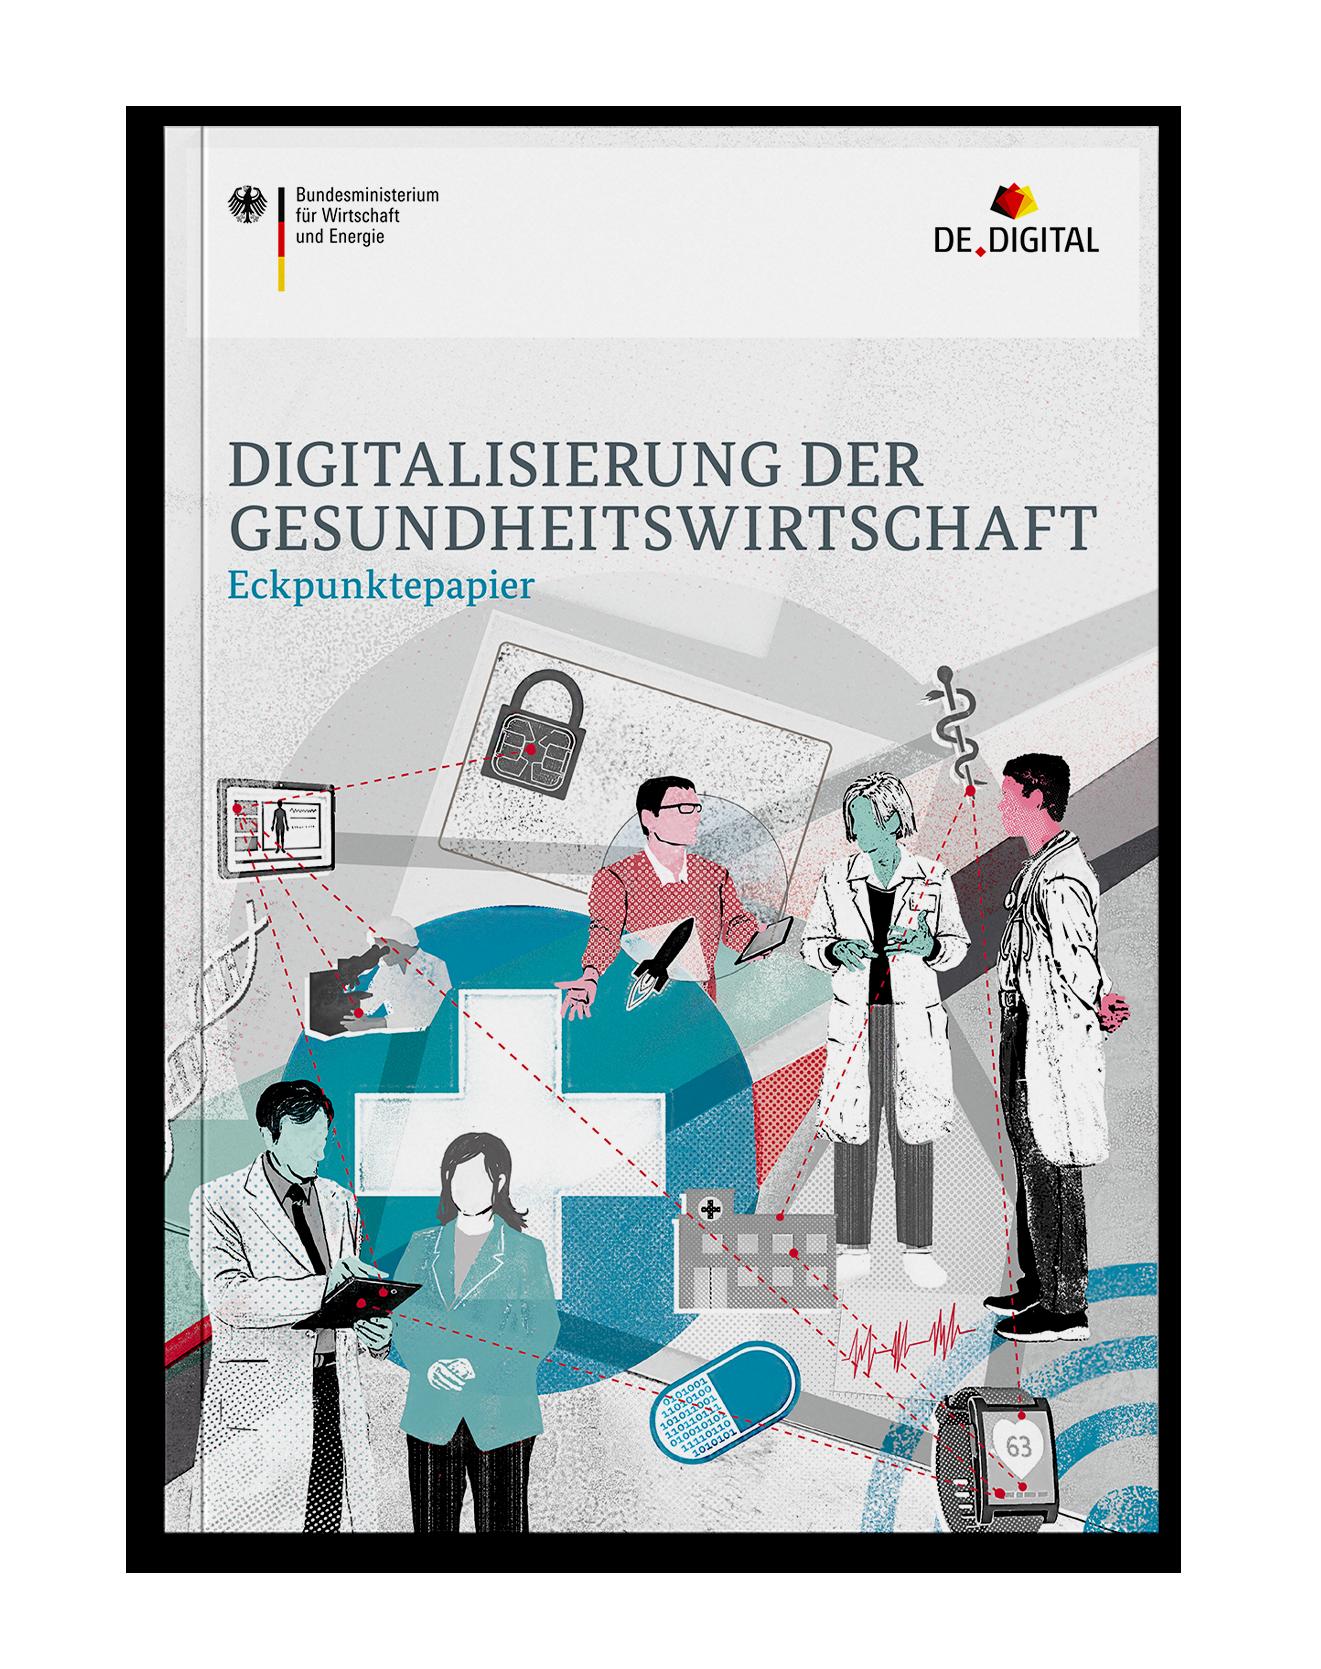 Coverdesign Digitalisierung der Gesundheitswirtschaft für das Bundesministerium für Wirtschaft und Energie